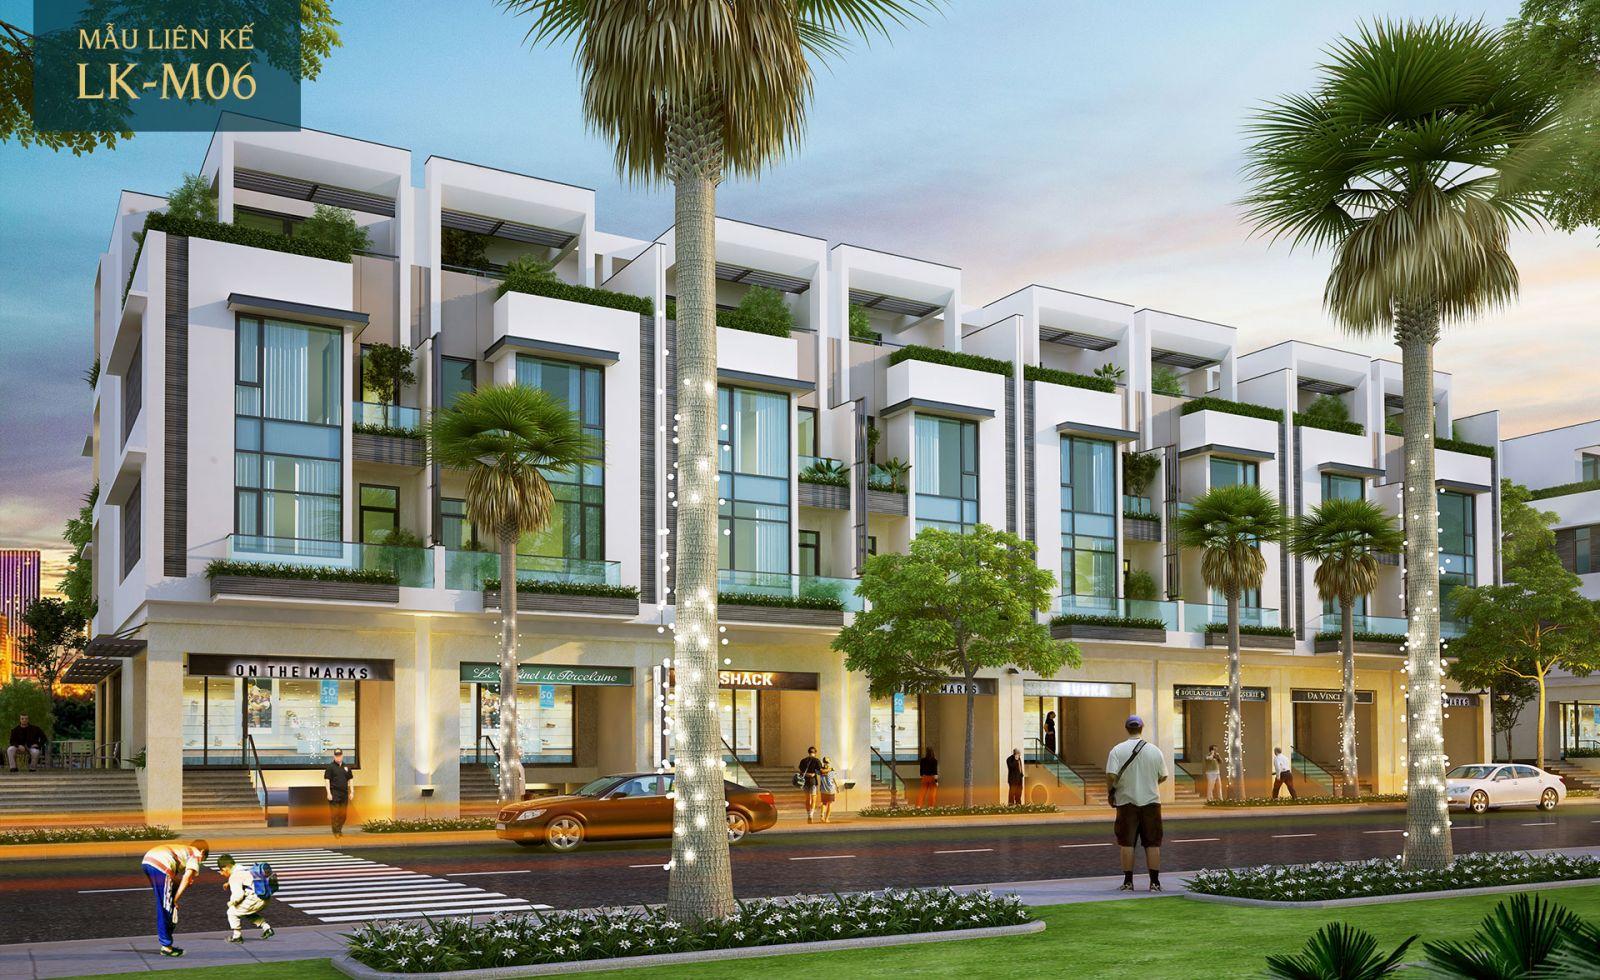 Bán biệt thự thương mại Saigon Mystery Villas 1 hầm 1 trệt 1 lững 4 lầu sâng thượng